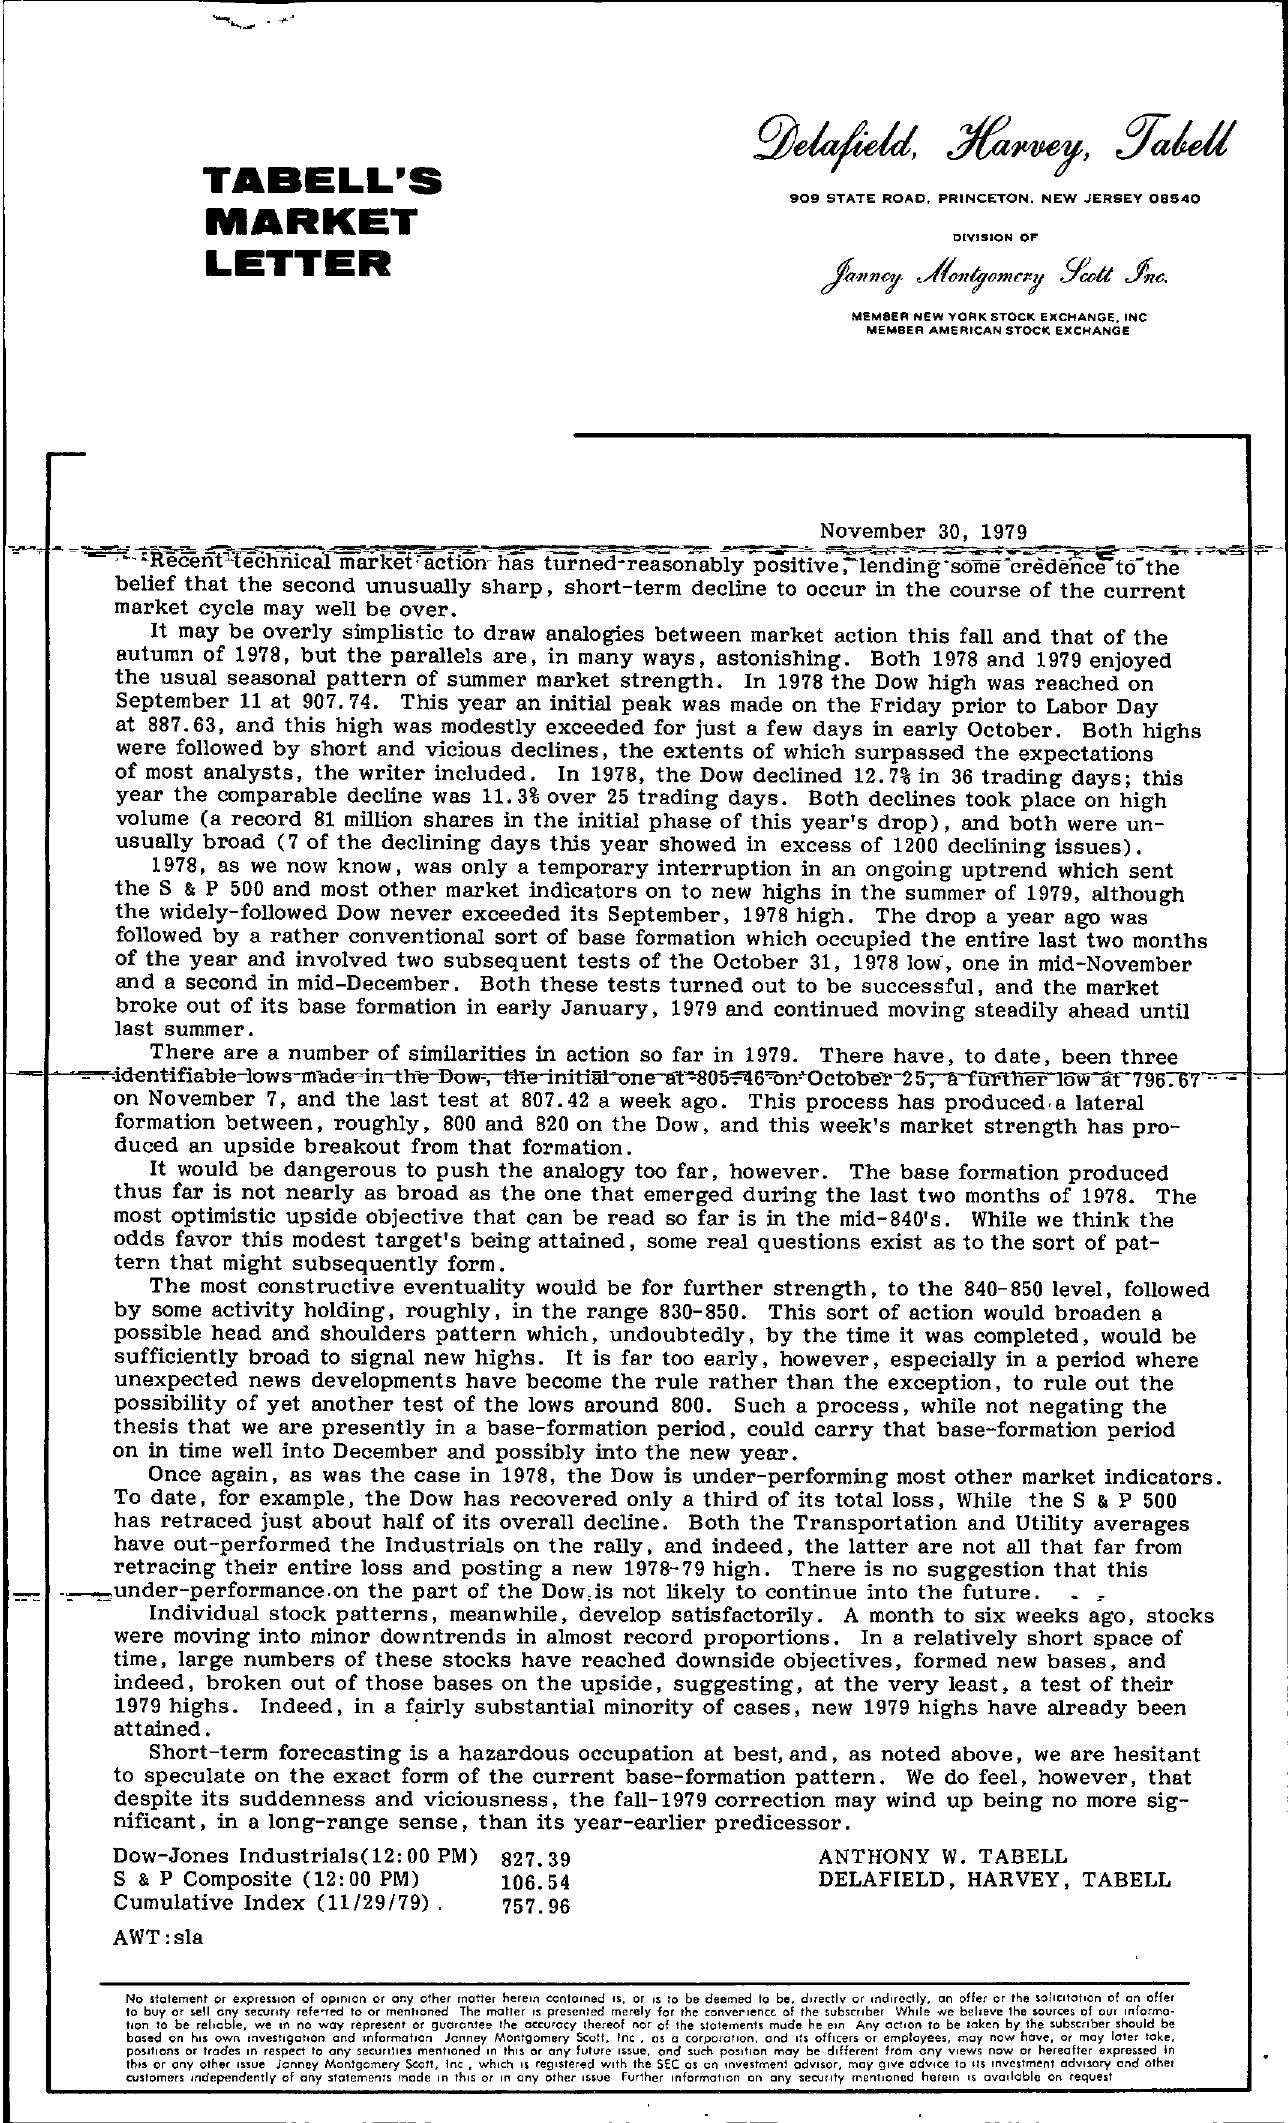 Tabell's Market Letter - November 30, 1979